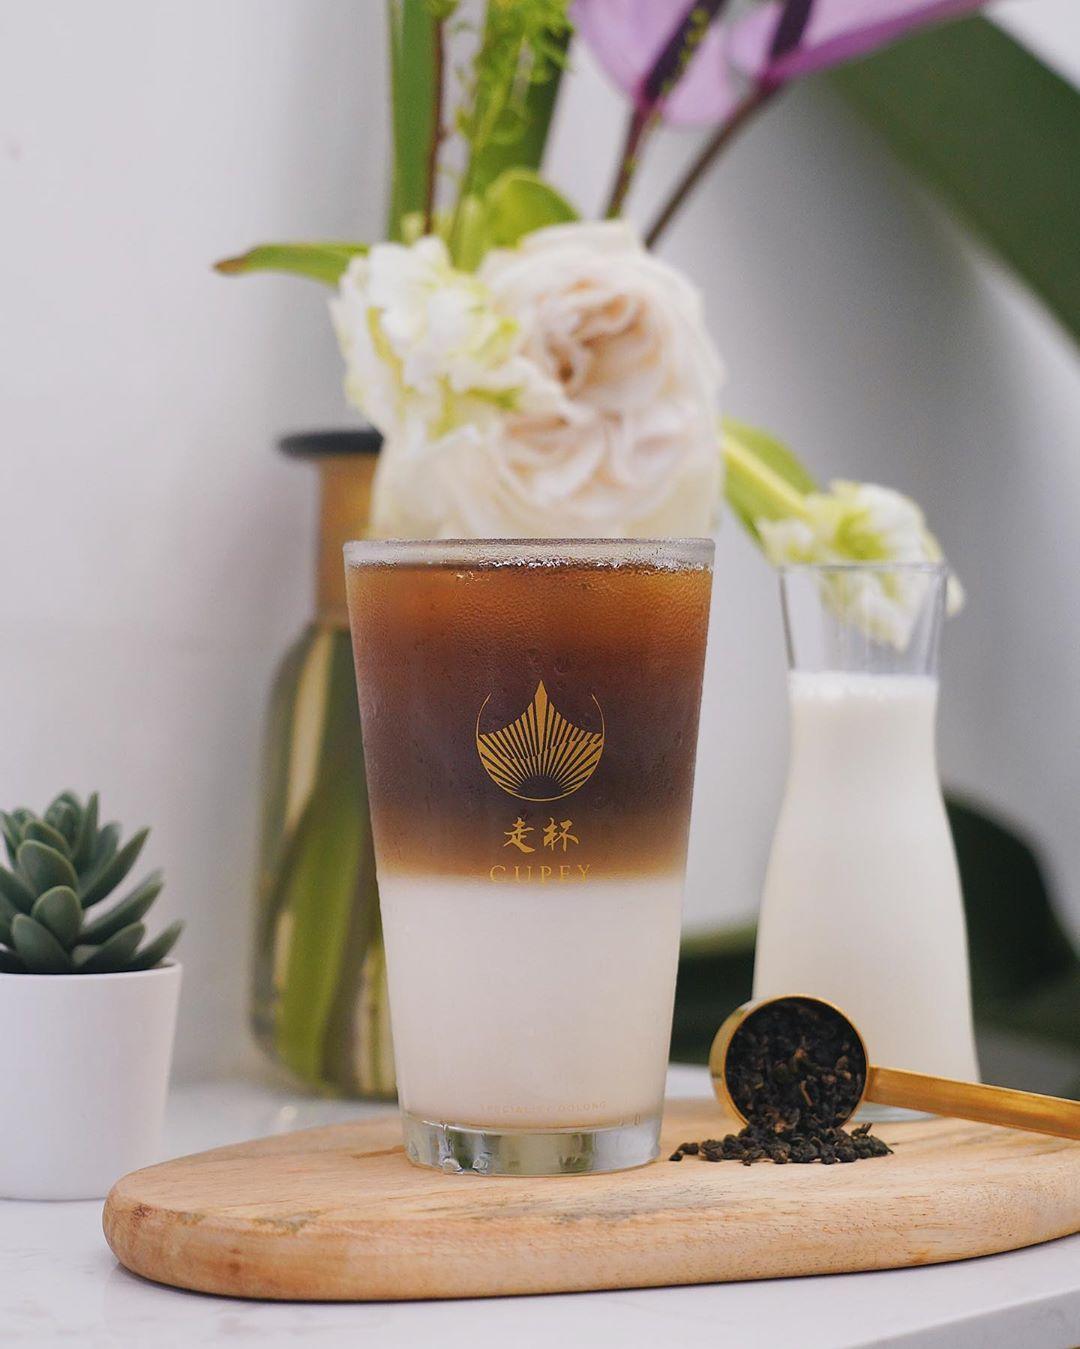 Chuyên gia dinh dưỡng Đài Loan mách nước chị em cách uống trà sữa không béo bụng: Mấu chốt nằm ở trân châu mới lạ - Hình 6